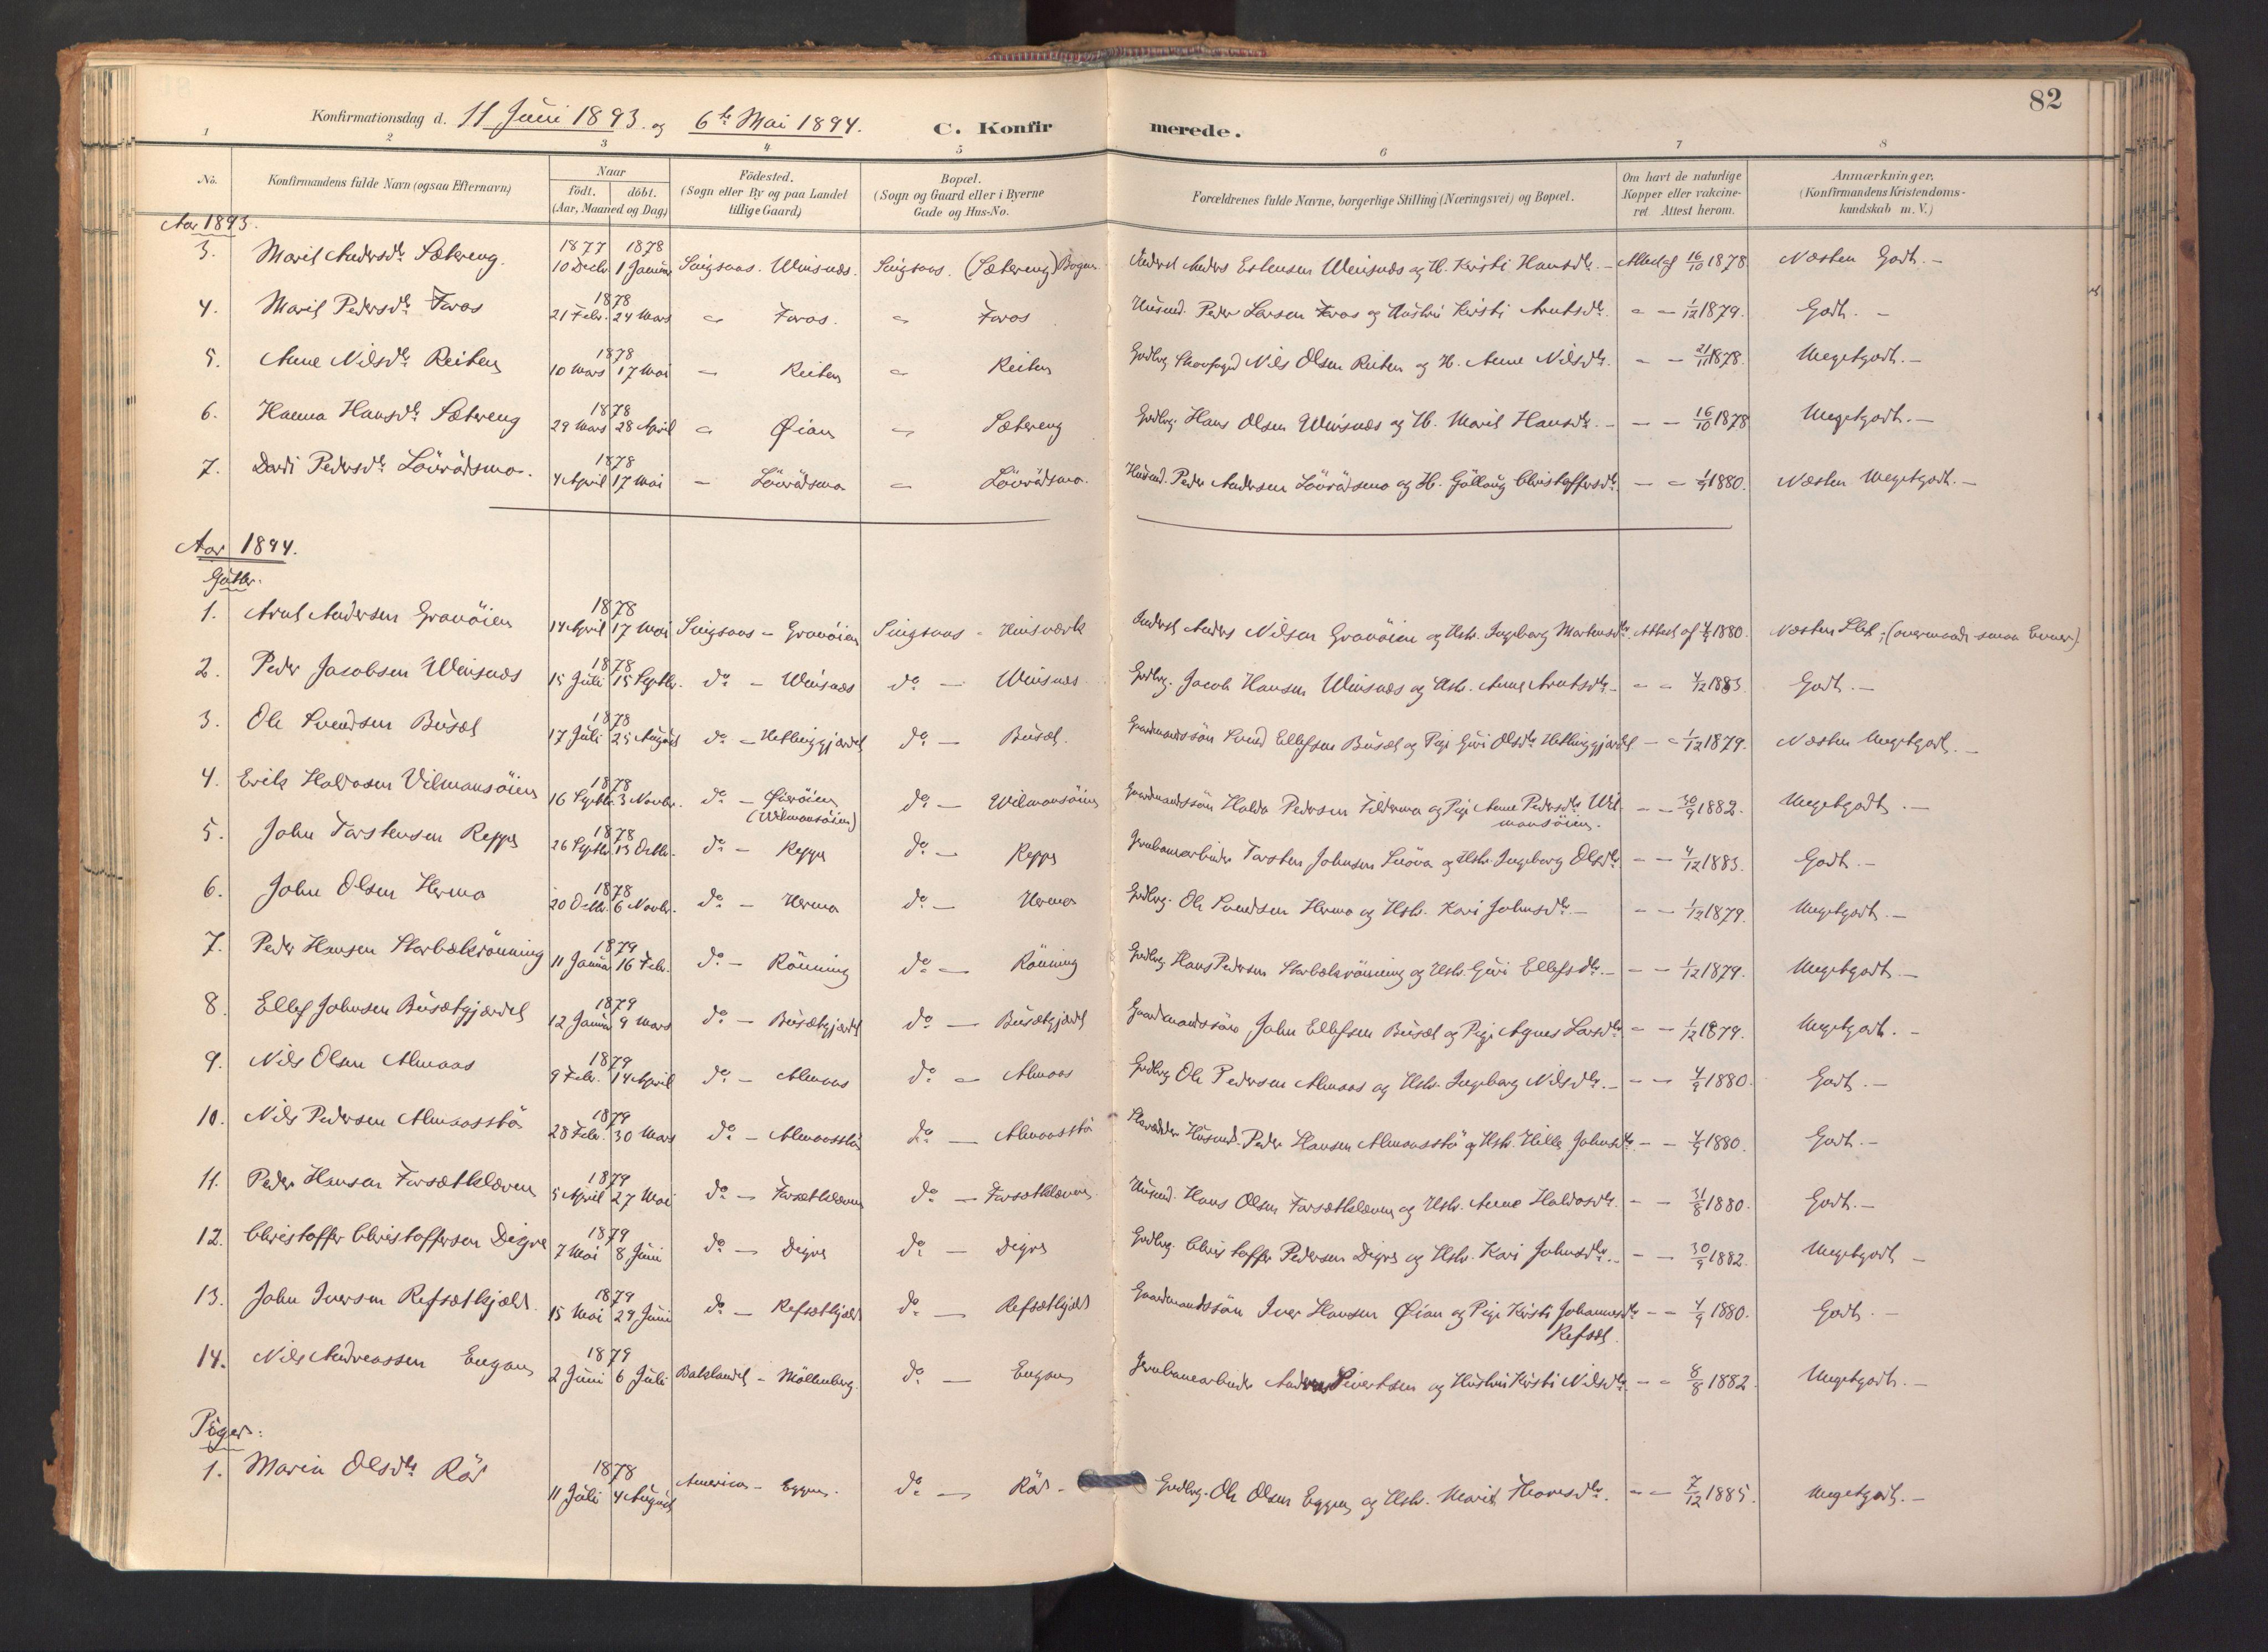 SAT, Ministerialprotokoller, klokkerbøker og fødselsregistre - Sør-Trøndelag, 688/L1025: Ministerialbok nr. 688A02, 1891-1909, s. 82